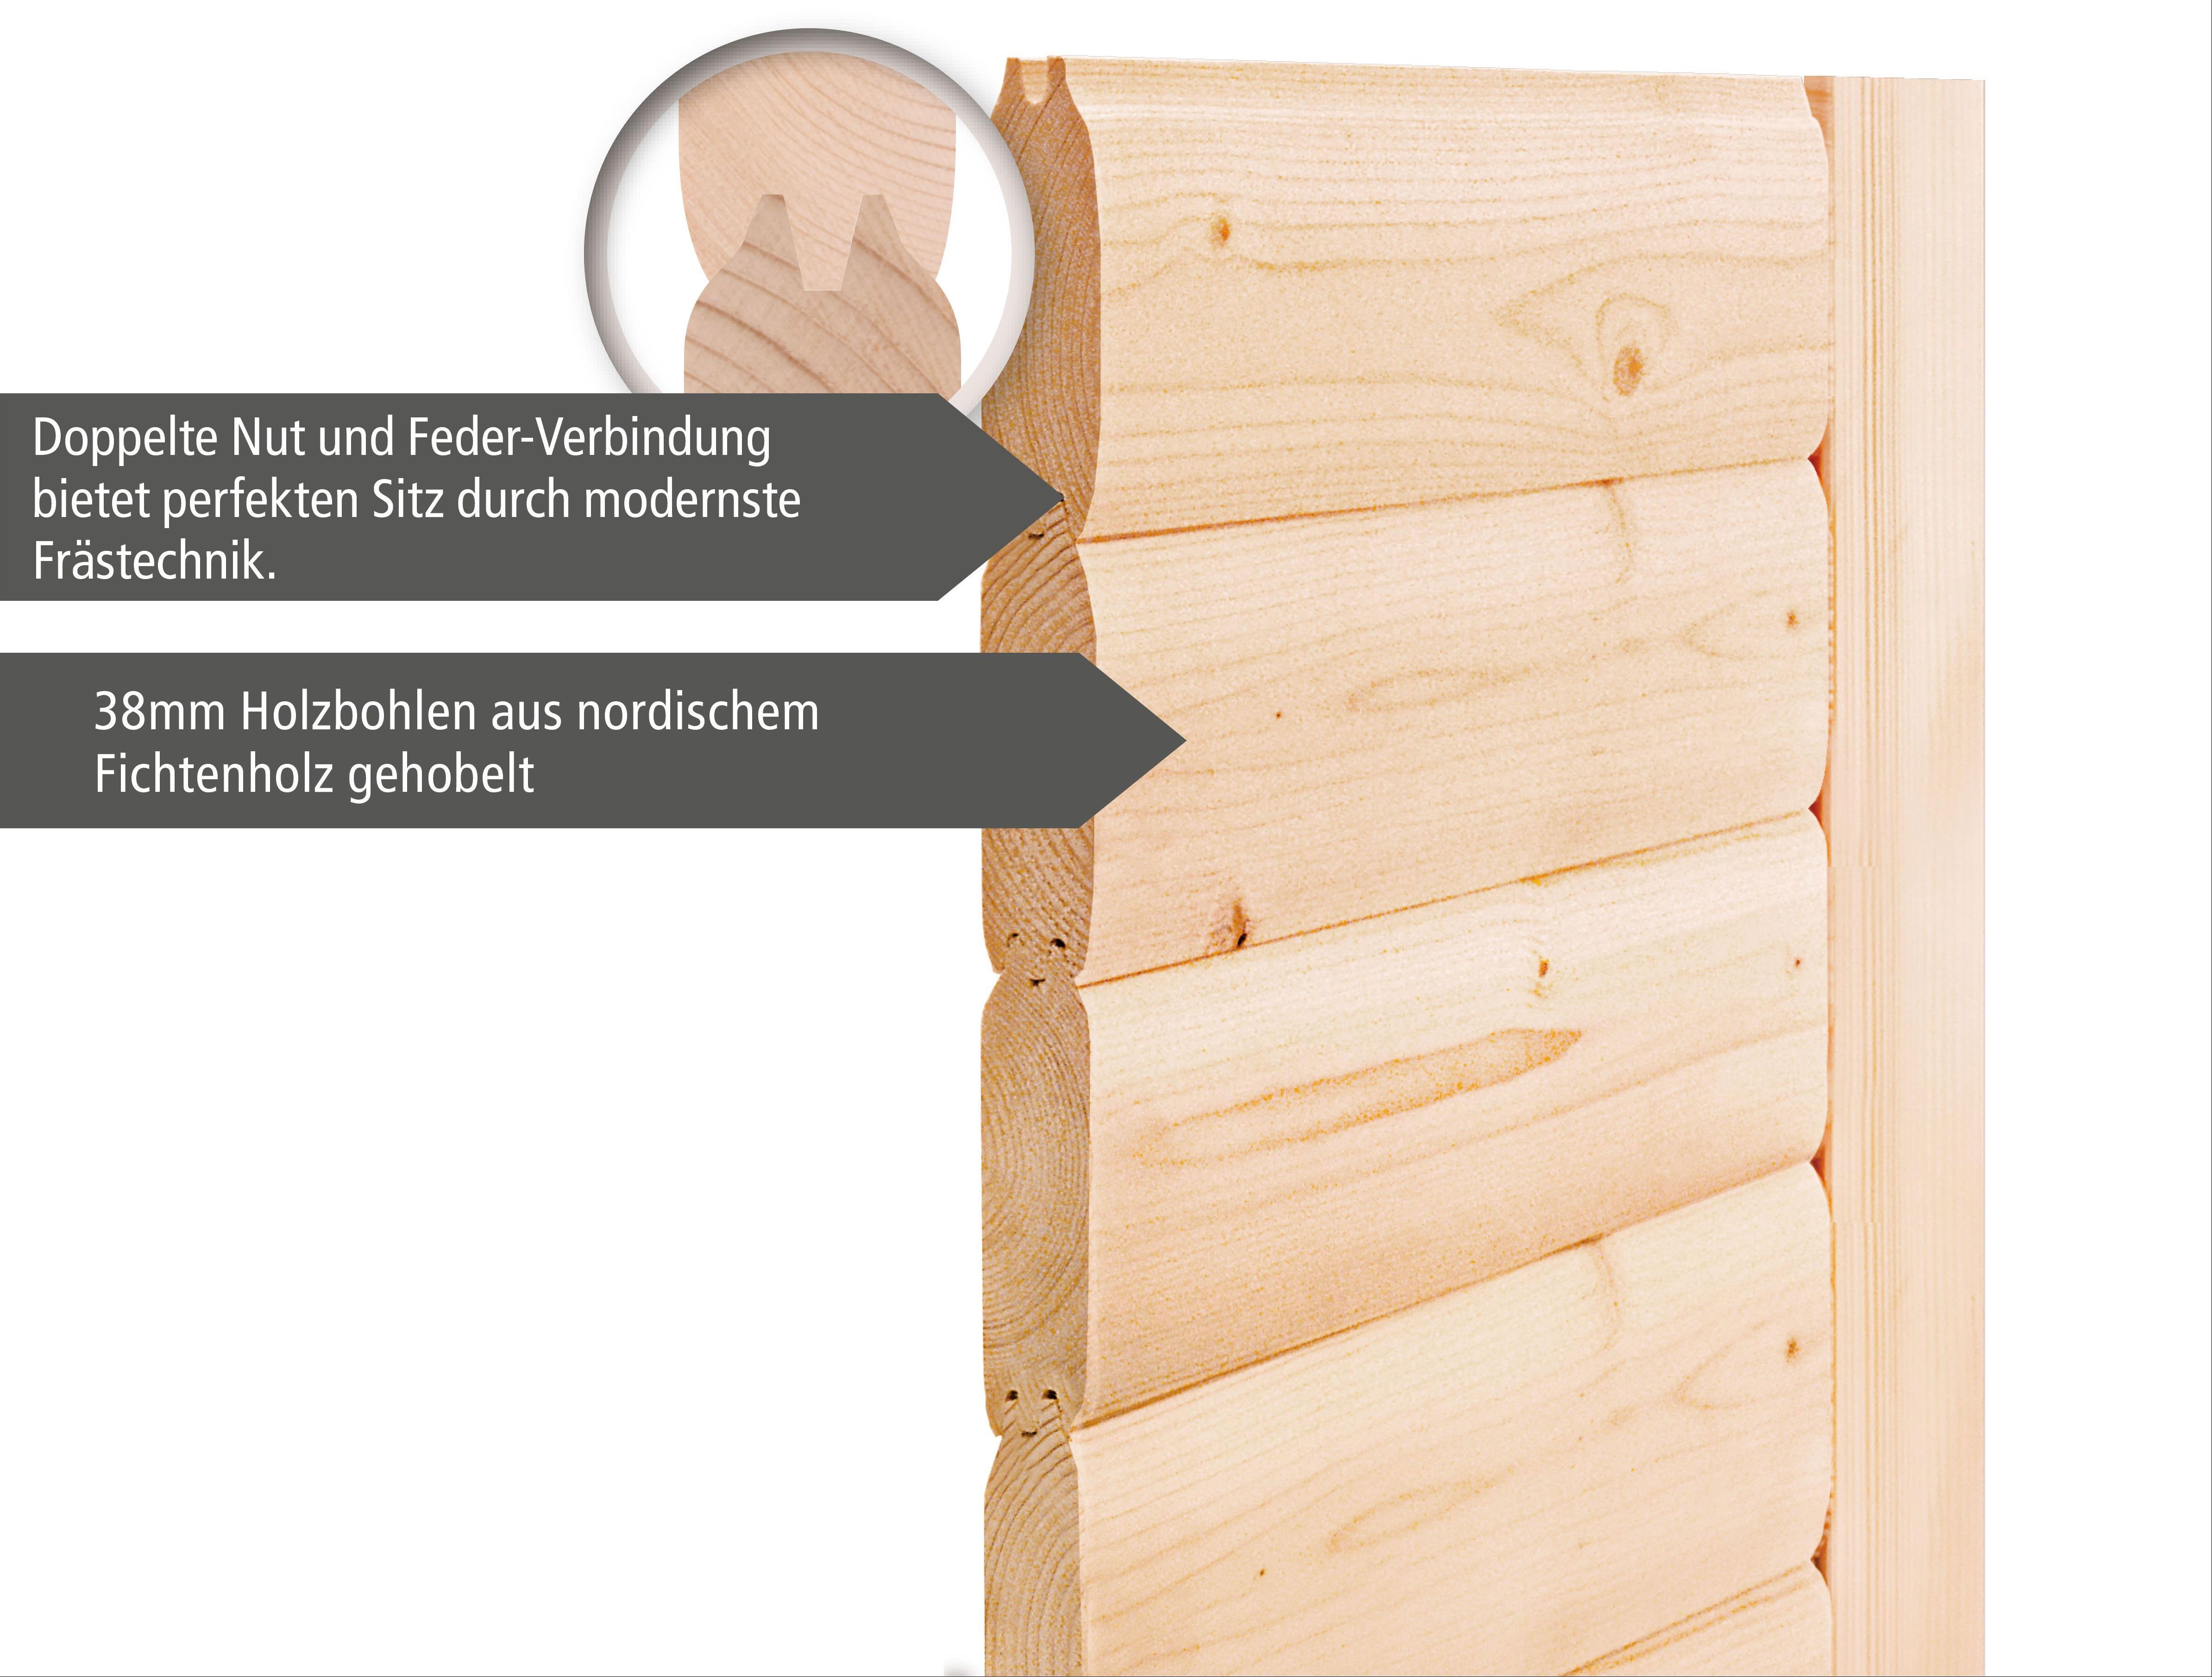 Gartensauna Karibu Saunahaus Mikka 38mm Ofen 9kW extern Tür modern Bild 4